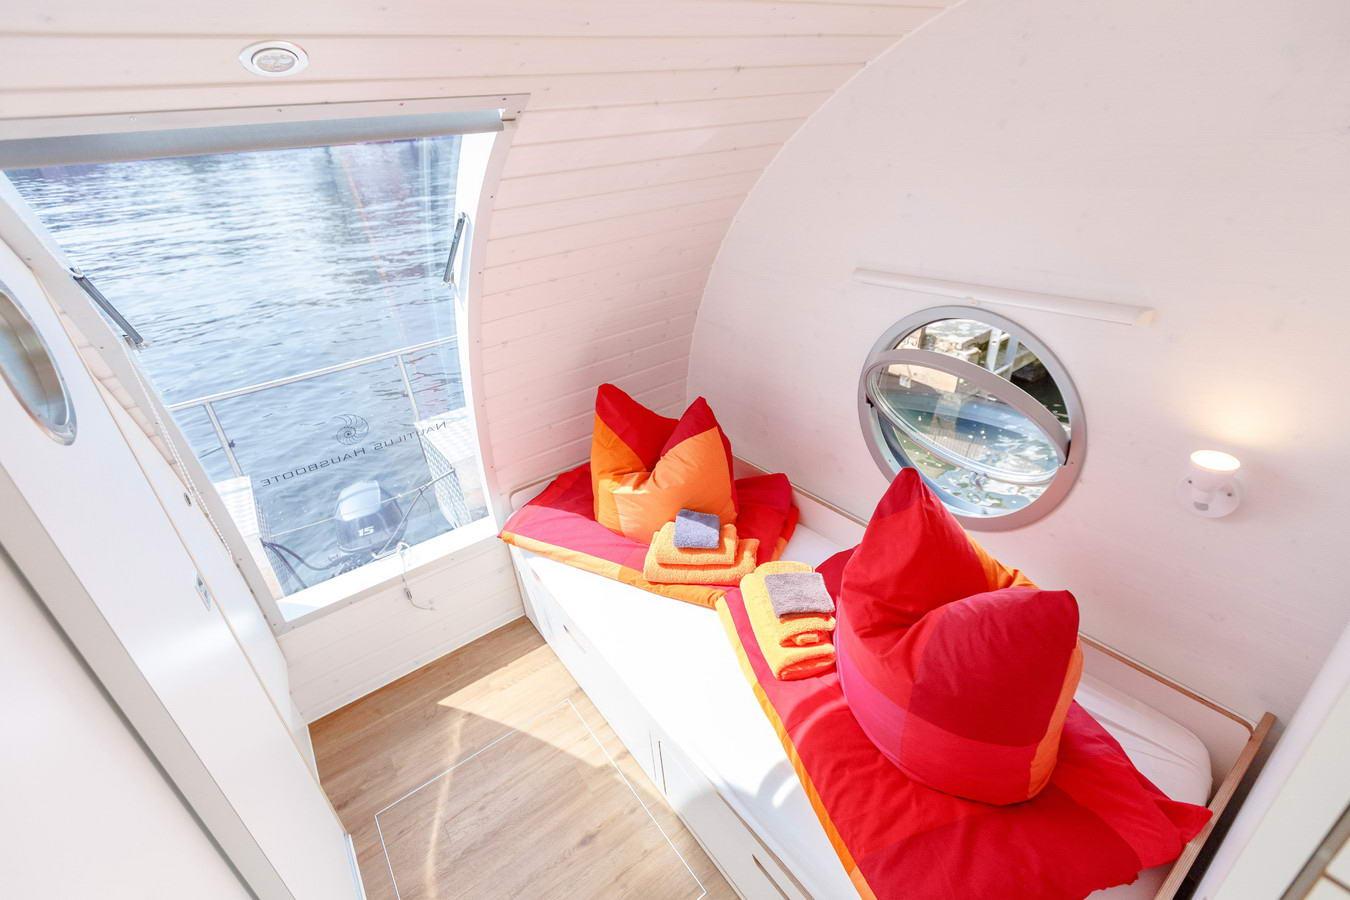 úszóhajó, lakóhajó - hálószoba